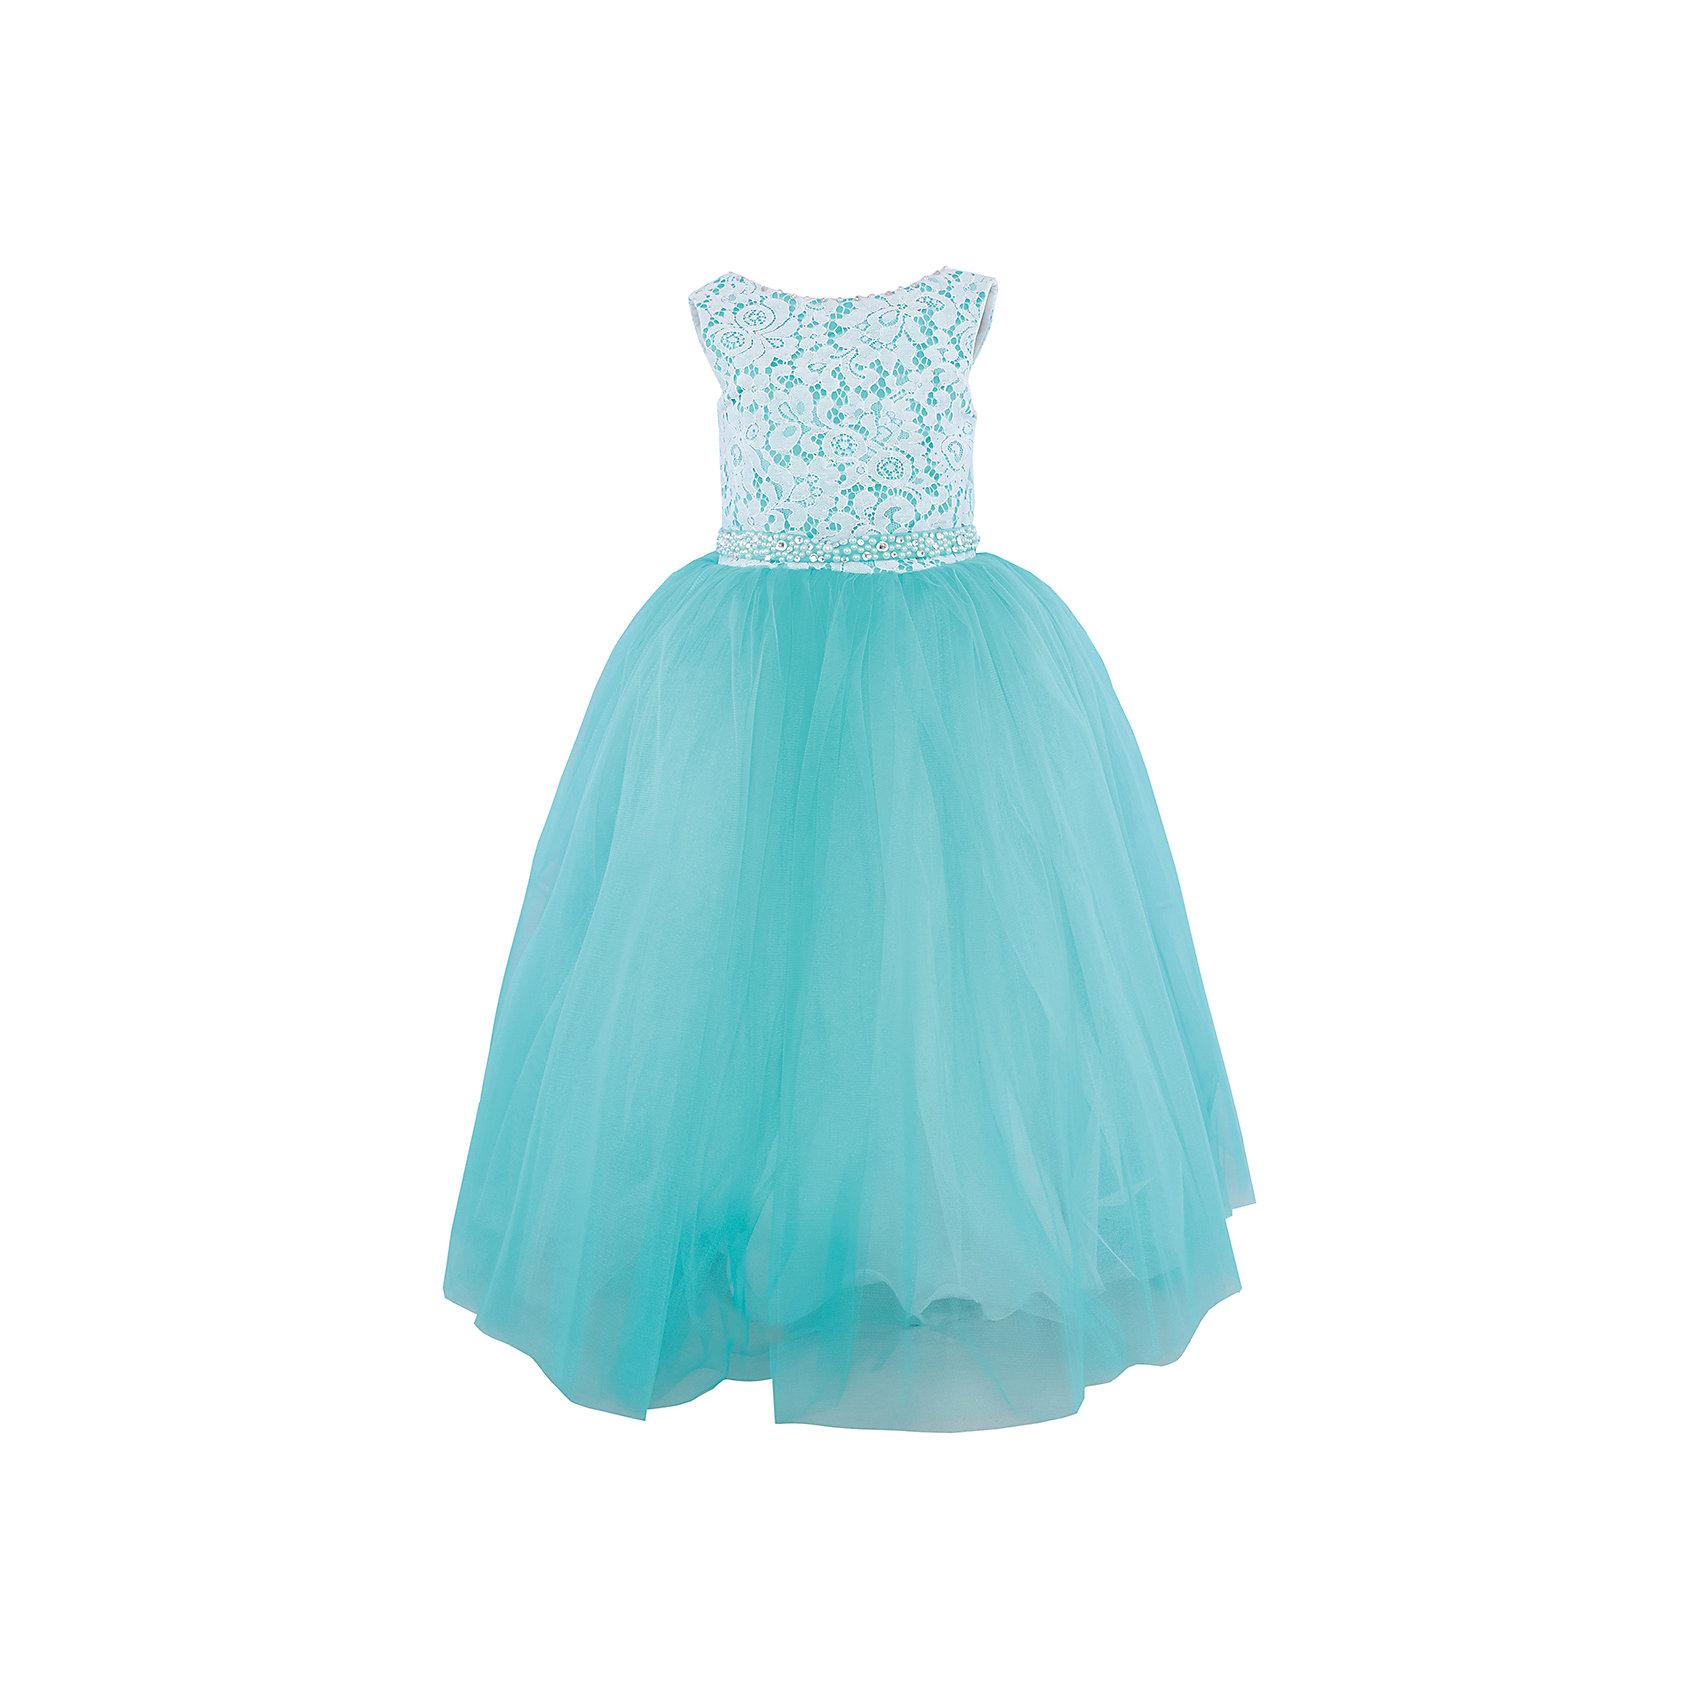 Платье нарядное ПрестижХарактеристики:<br><br>• Вид детской и подростковой одежды: платье<br>• Предназначение: праздничная<br>• Коллекция: Veronikaiko<br>• Сезон: круглый год<br>• Тематика рисунка: цветы<br>• Материал: 100% полиэстер<br>• Цвет: бирюзовый, белый<br>• Силуэт: А-силуэт<br>• Юбка: солнце<br>• Рукав: без рукава<br>• Вырез горловины: круглый<br>• Длина платья: макси<br>• Застежка: молния на спинке<br>• Пояс декорирован стразами и бусинами<br>• Особенности ухода: ручная стирка при температуре не более 30 градусов<br><br>Платье регулируется шнуровкой сзади, от талии до верха спинки. Шнуровка в комплекте.<br>Платье подходит для занятий бальными танцами.<br><br>Платье нарядное для девочки Престиж от отечественного производителя праздничной одежды и аксессуаров как для взрослых, так и для детей. Изделие выполнено из 100% полиэстера, который обладает легкостью, прочностью, устойчивостью к износу и пятнам. <br><br>Платье отрезное по талии, имеет классический А-силуэт и круглую горловину. Платье выполнено в нежном дизайне. Верх платья выполнен из двух слоев: сочетание однотонного подклада и кружевного полотна со стразами выглядит эффектно и изысканно. Длинная юбка придает изделию особую воздушность и легкость. Дополняет образ пояс, оформленный стразами и бусинами.<br><br>Платье нарядное для девочки Престиж – это неповторимый стиль вашей девочки на любом торжестве!<br><br>Платье нарядное для девочки Престиж можно купить в нашем интернет-магазине.<br><br>Ширина мм: 236<br>Глубина мм: 16<br>Высота мм: 184<br>Вес г: 177<br>Цвет: бирюзовый<br>Возраст от месяцев: 72<br>Возраст до месяцев: 84<br>Пол: Женский<br>Возраст: Детский<br>Размер: 116,134,122,128<br>SKU: 5158310